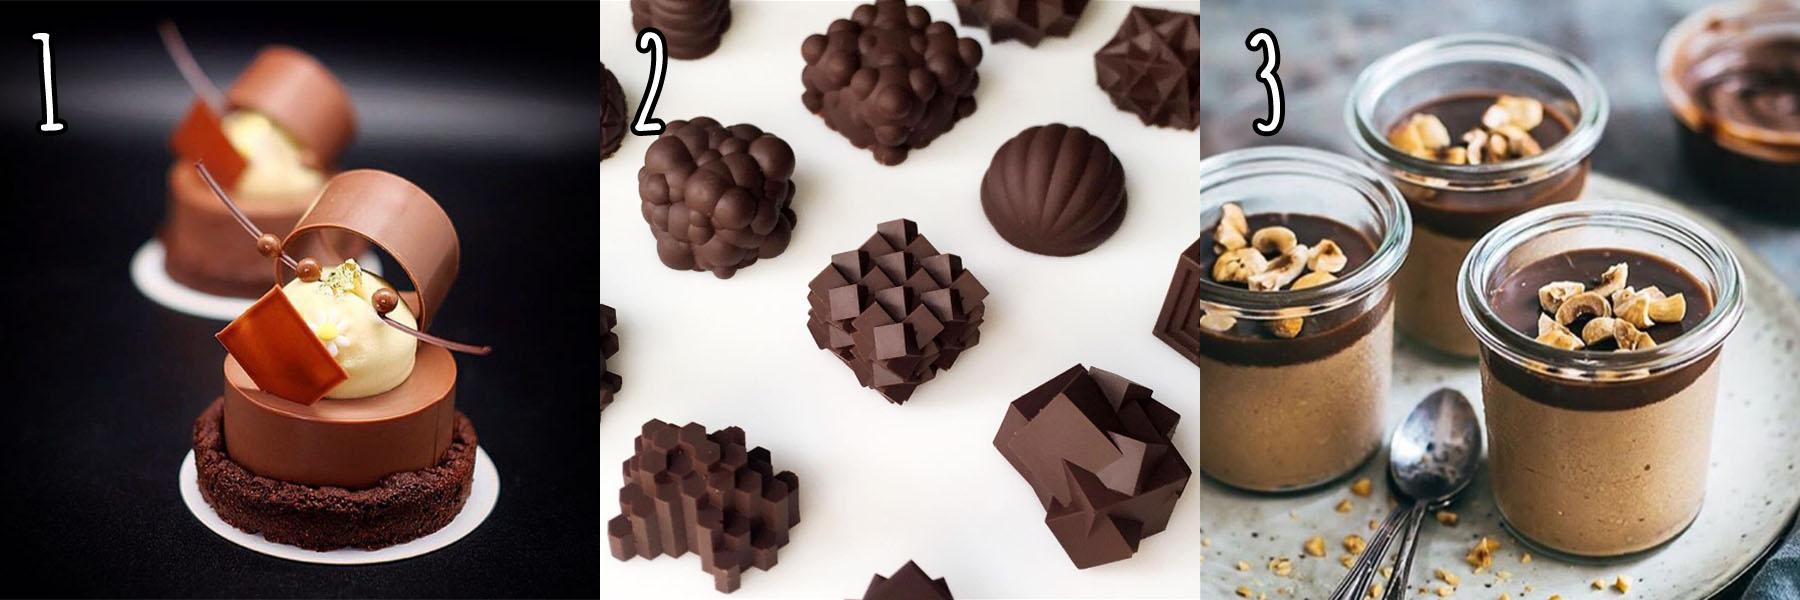 czekolada instagram